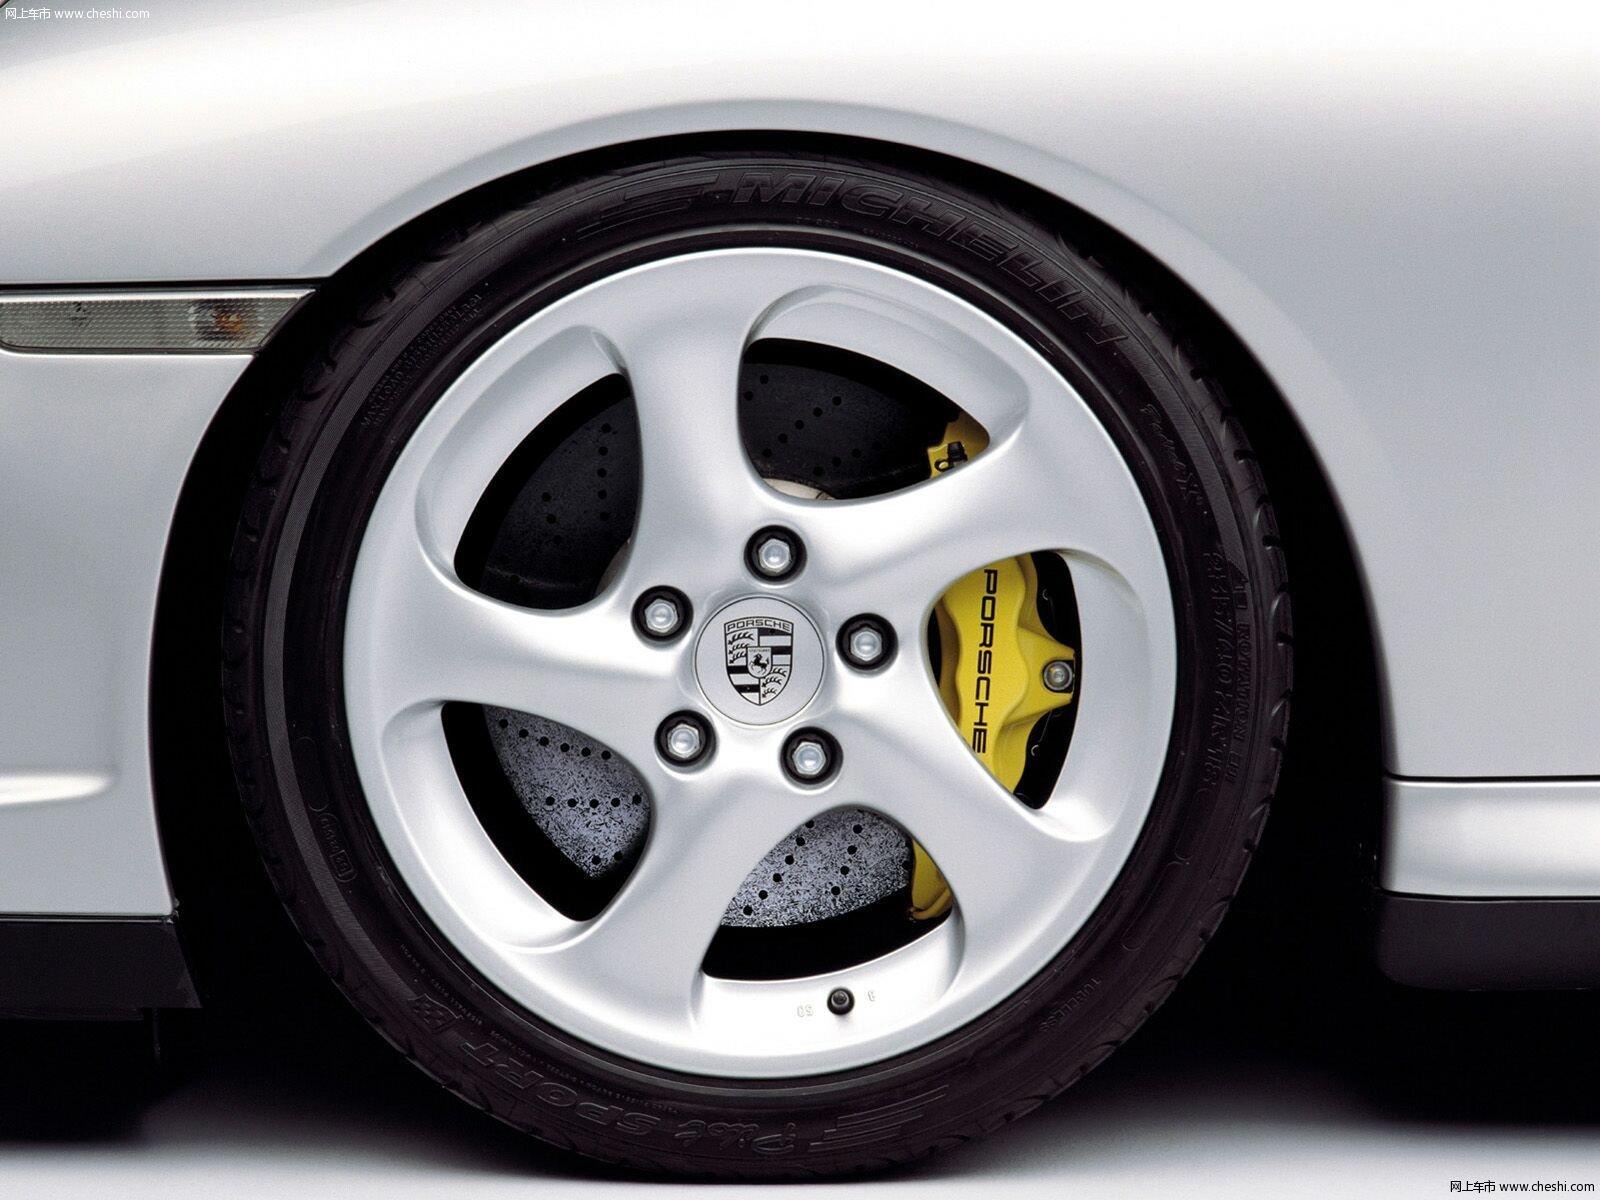 教你判定汽车轮胎的磨损程度和使用寿命